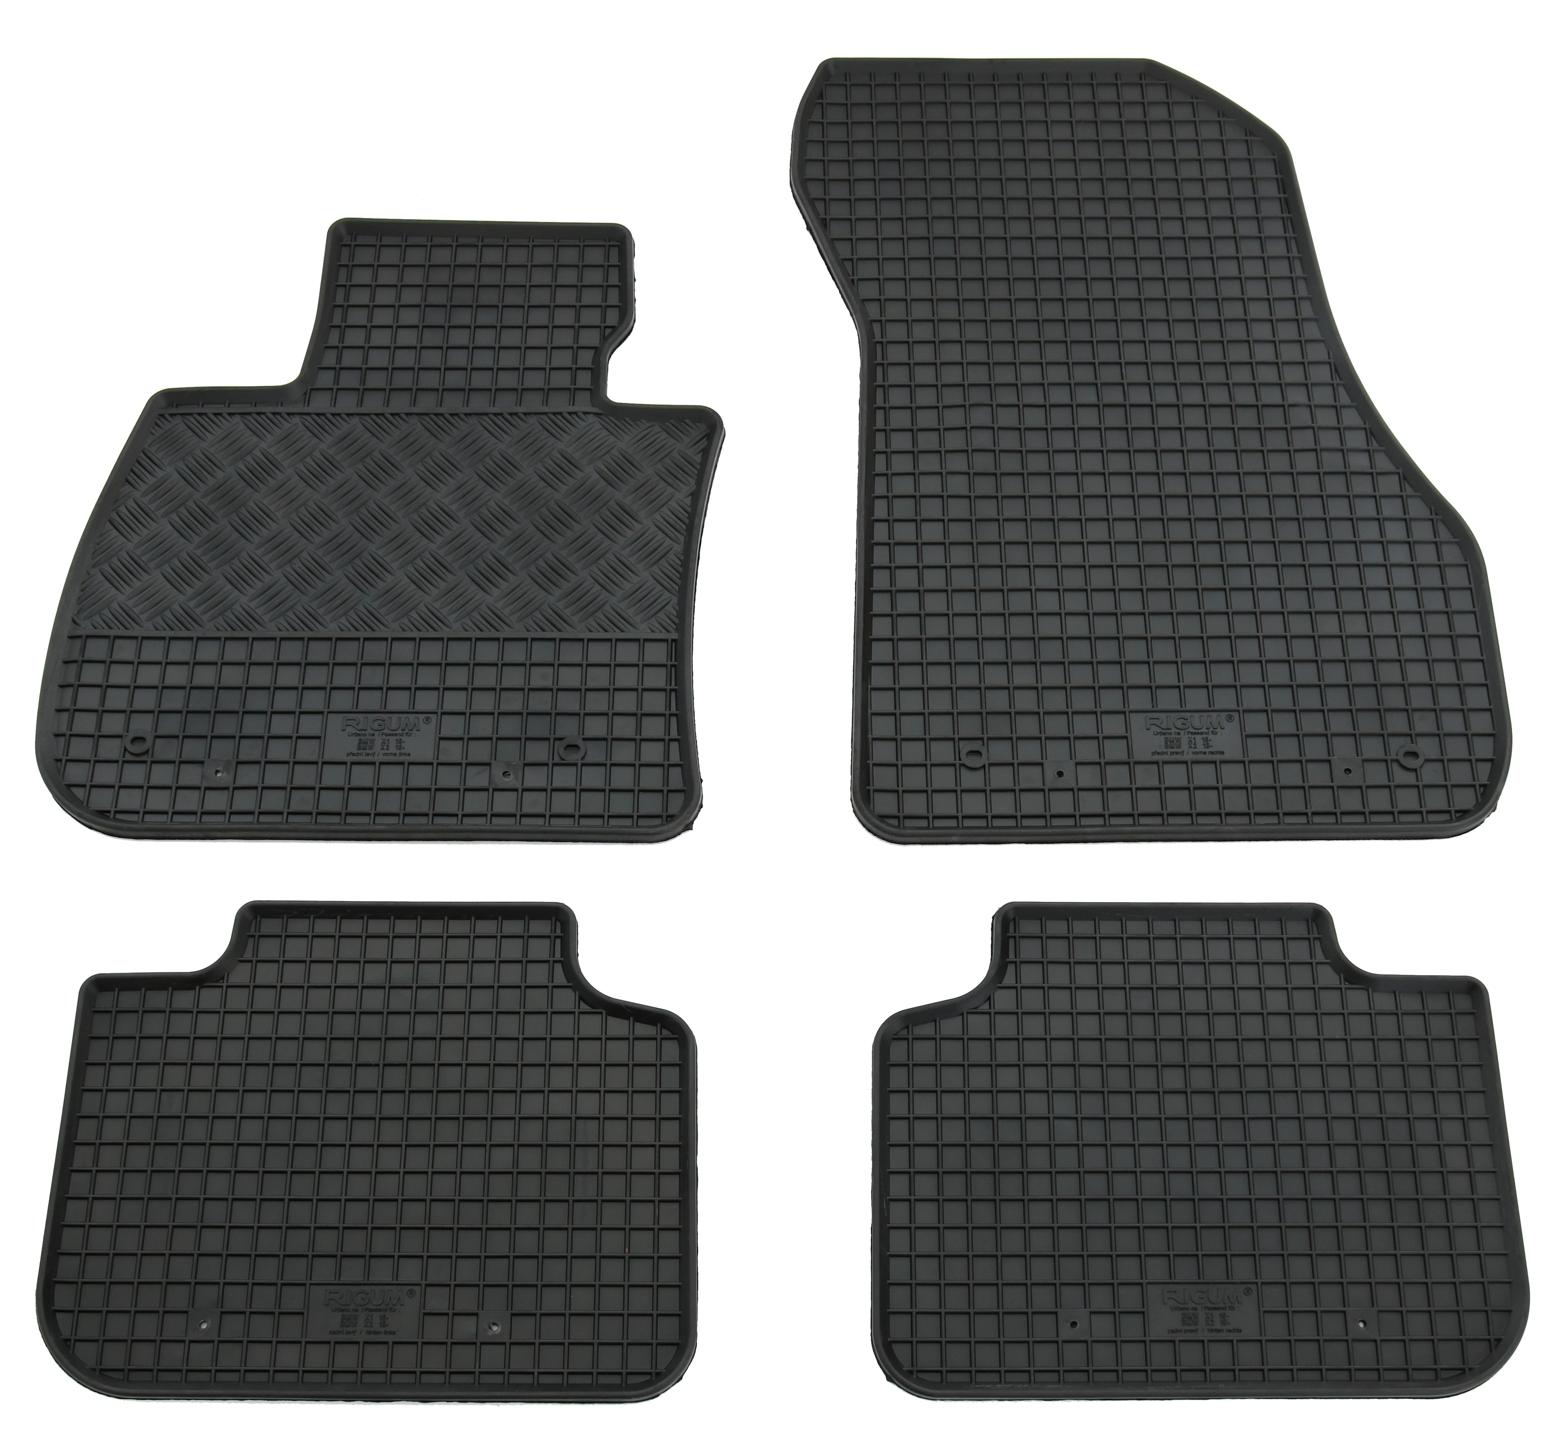 Premium Fußmatten für BMW X2 F39 ab Bj 2018